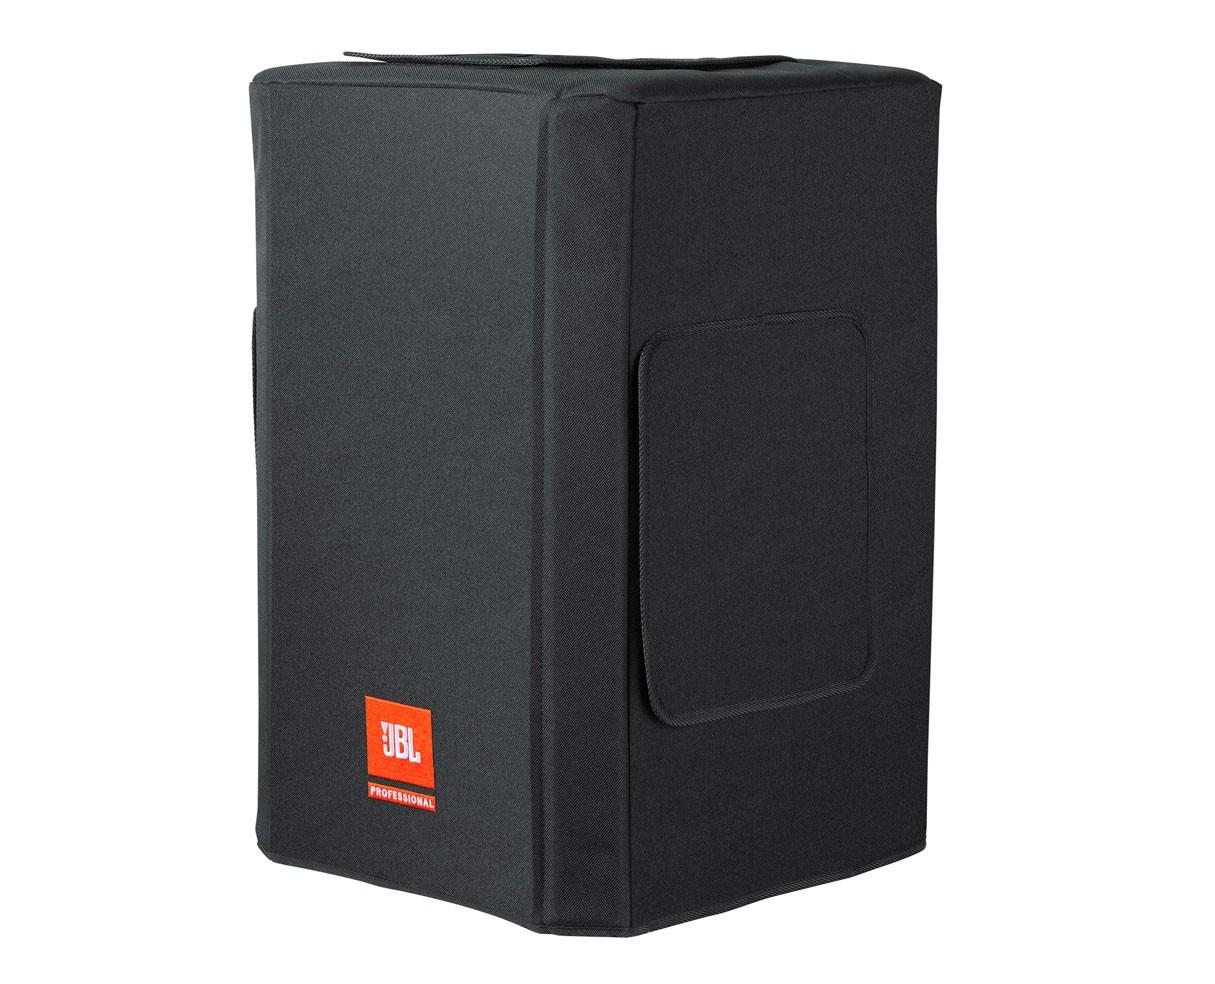 JBL Bags SRX812P-CVR-DLX